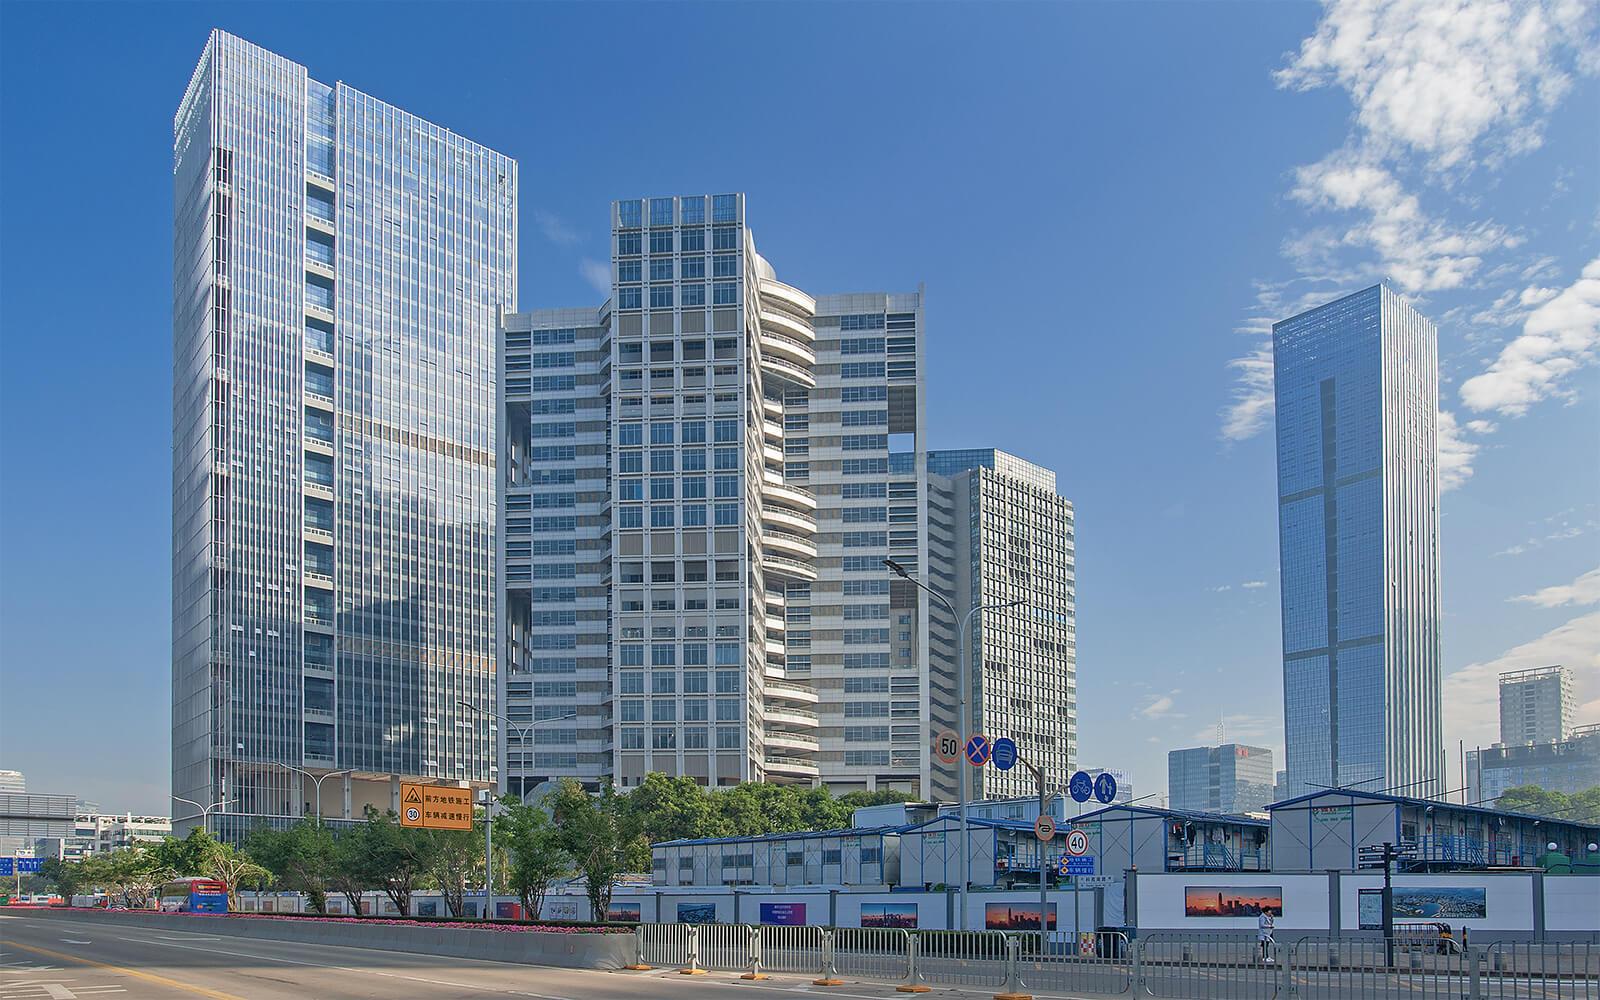 南山办公室彩讯科技大厦出租-咚咚租